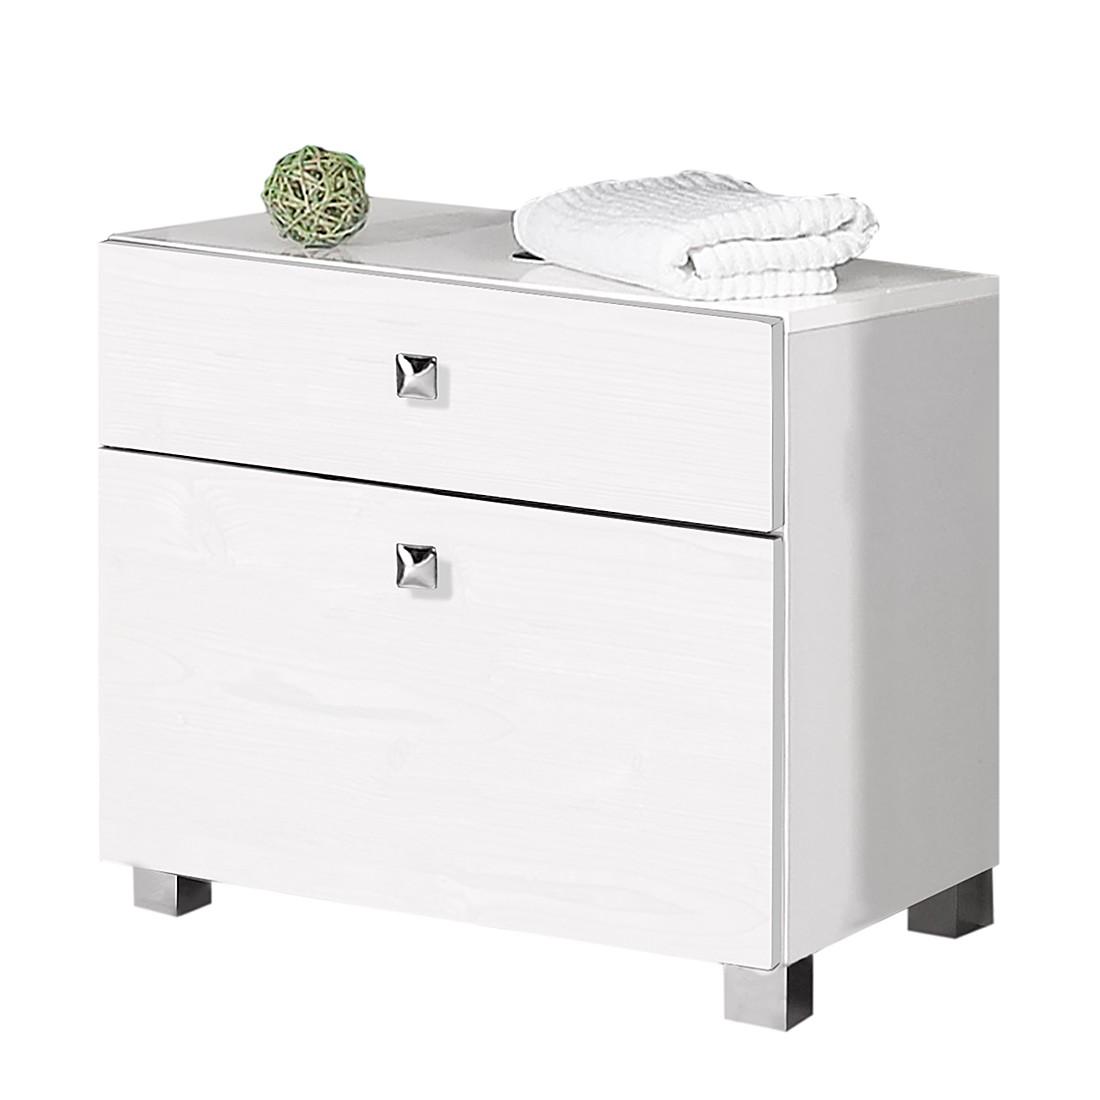 Vente meuble salle de bain meubles sous vasque tritoo for Meuble salle de bain montreal